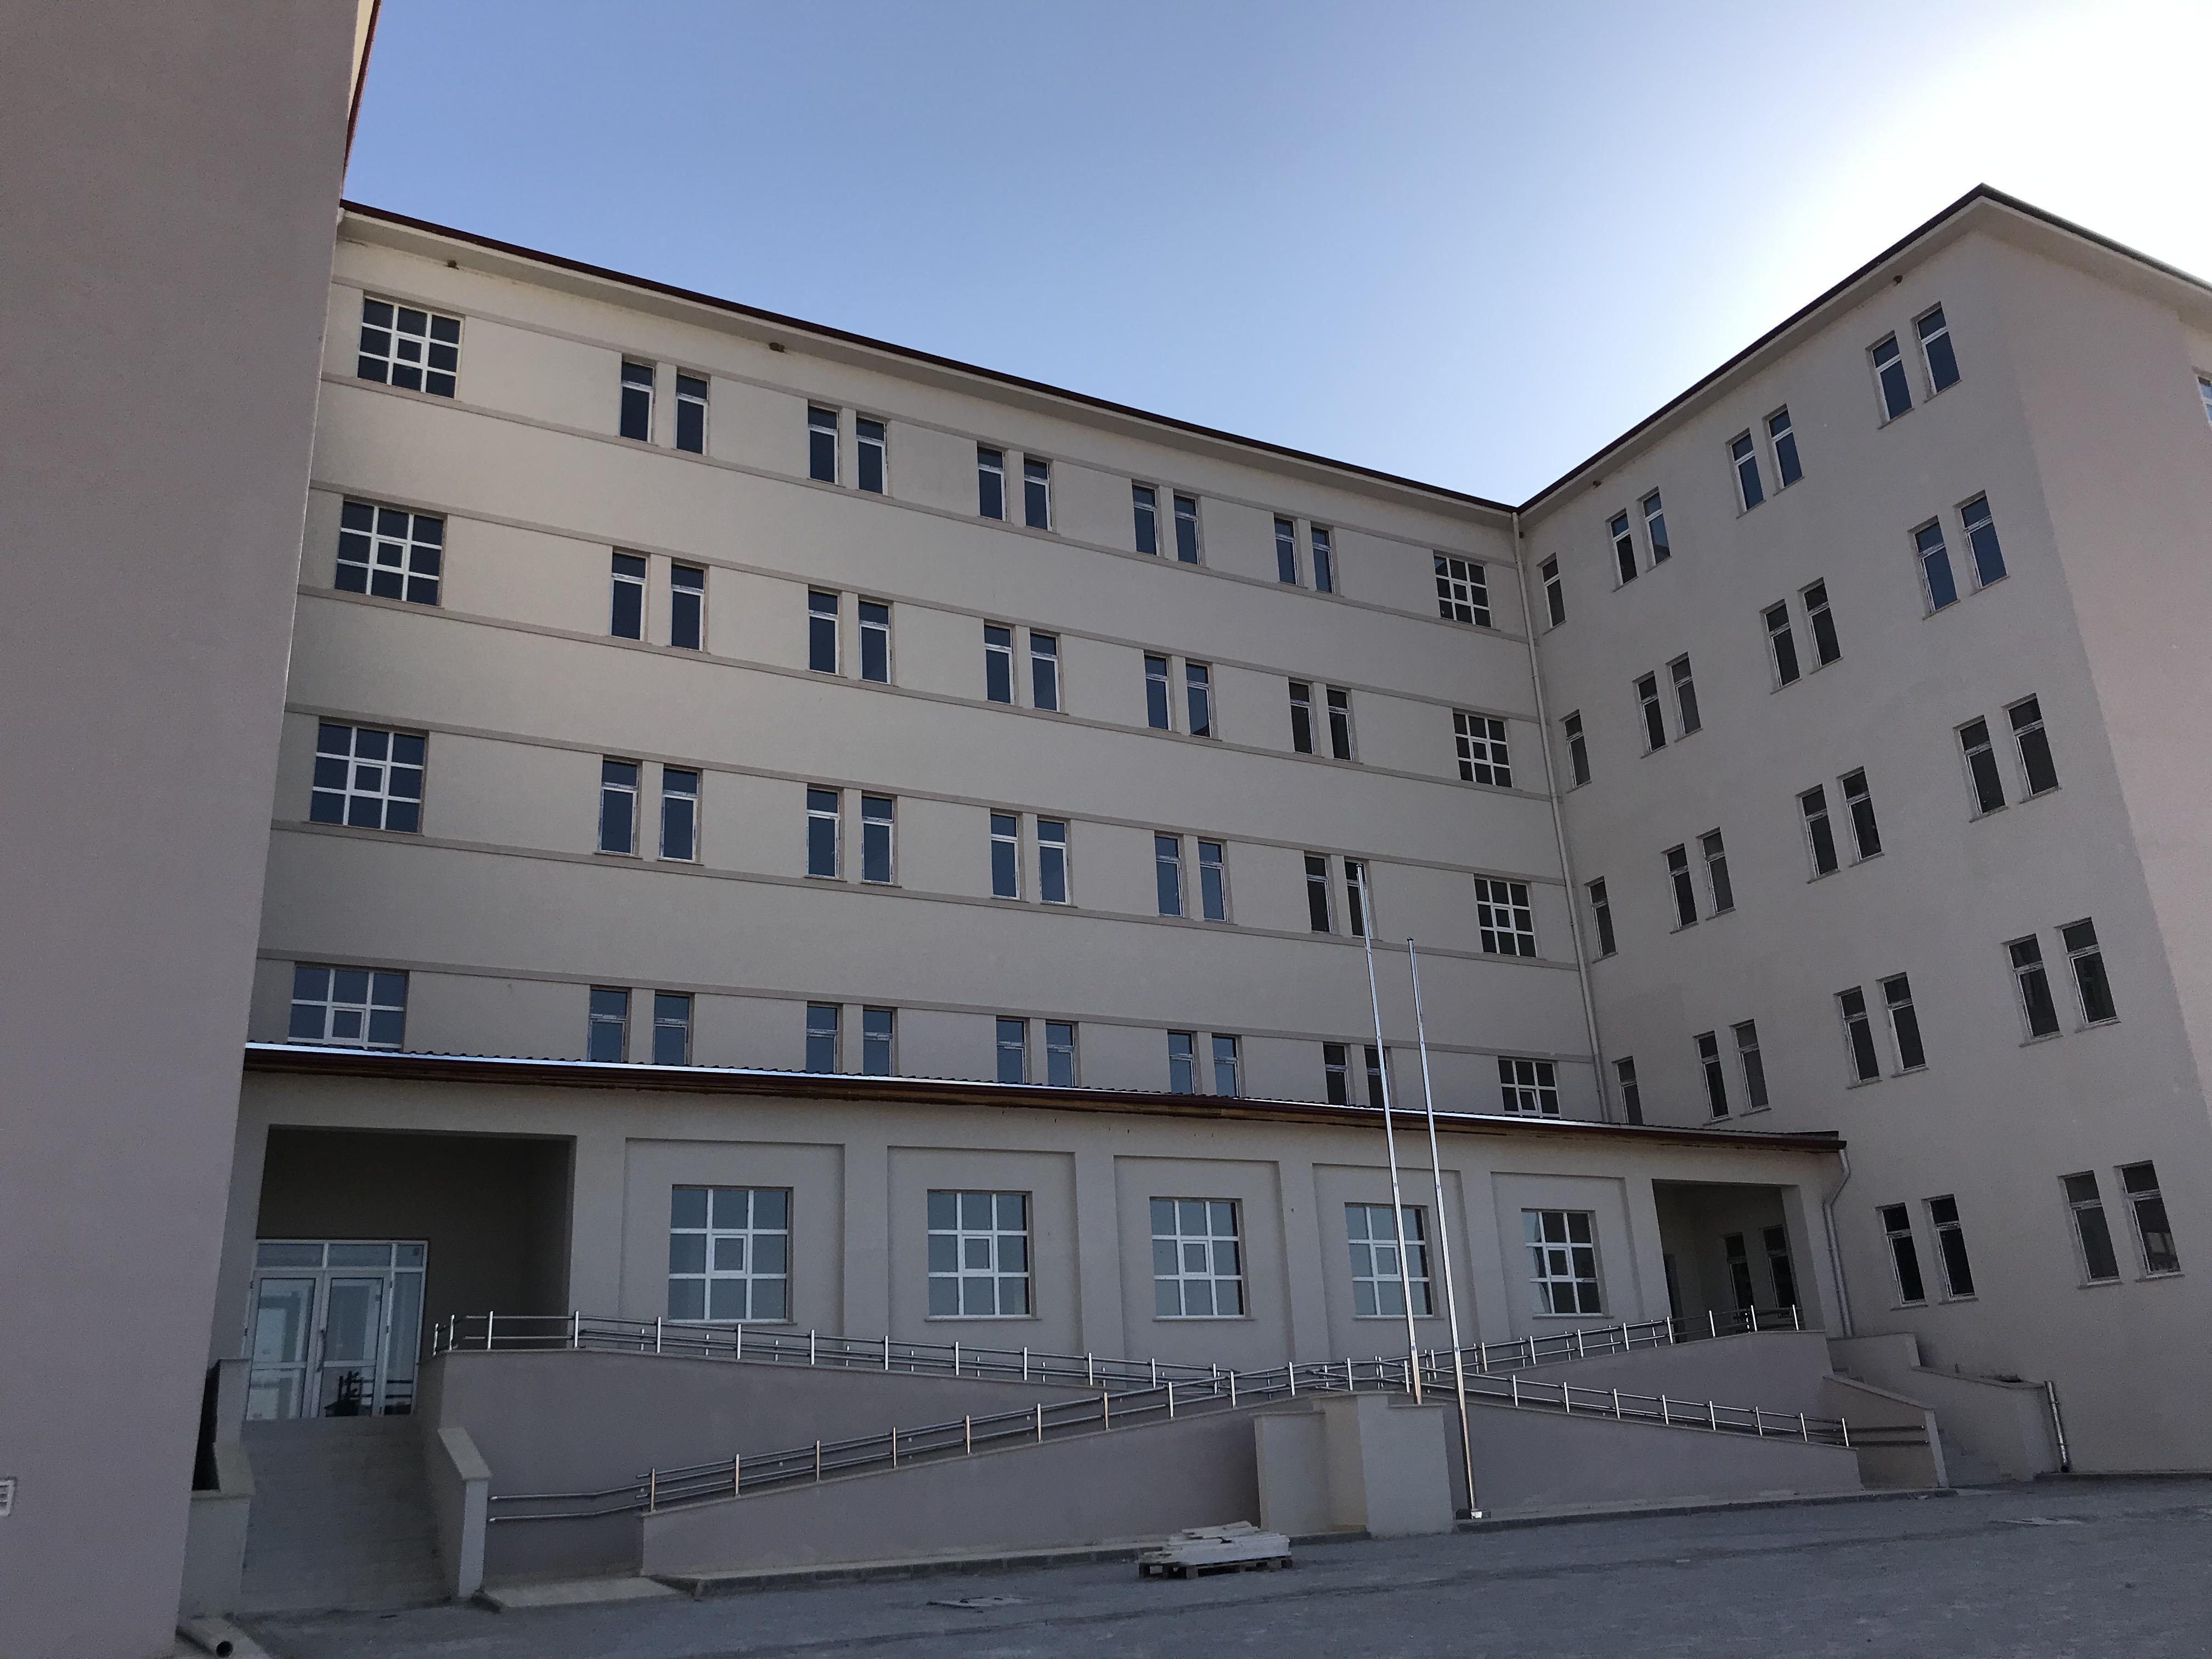 Uşak Sivaslı İlçesi Fen Lisesi 300 Öğrencilik Pansiyon Binası Yapım İşi